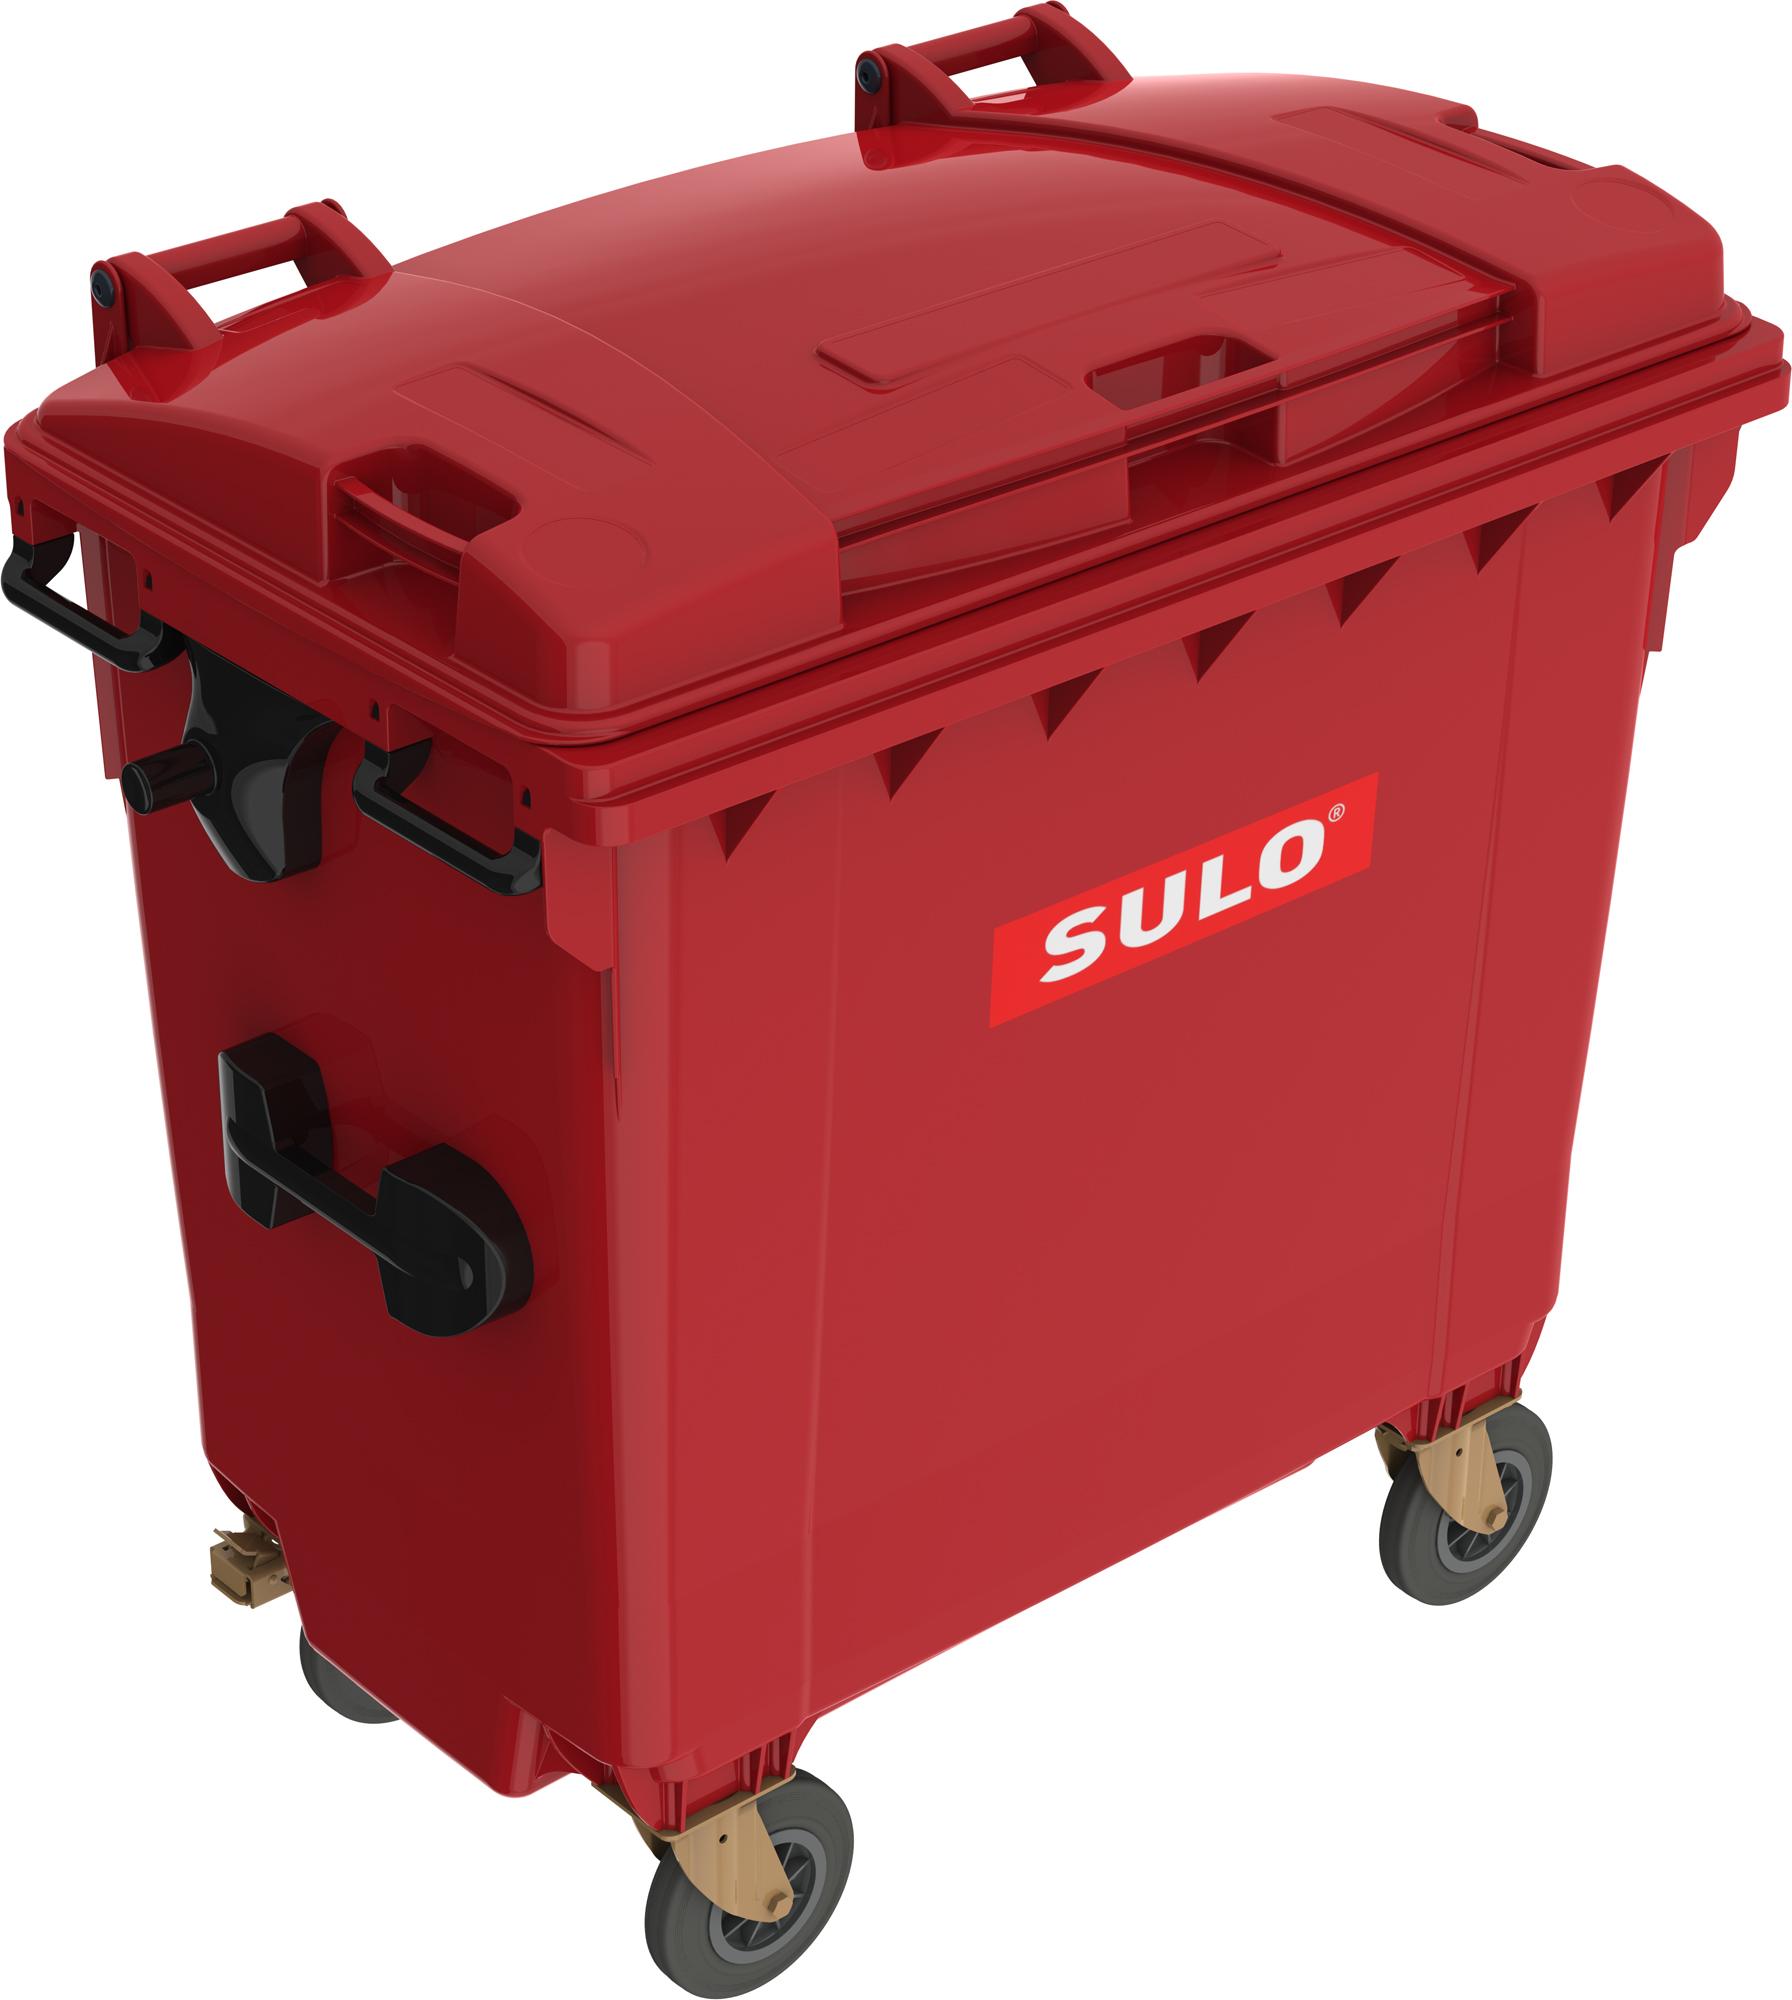 Eurocontainer Din Material Plastic 770 L Rosu Cu Capac Plat Mevatec - Transport Inclus 2021 sanito.ro